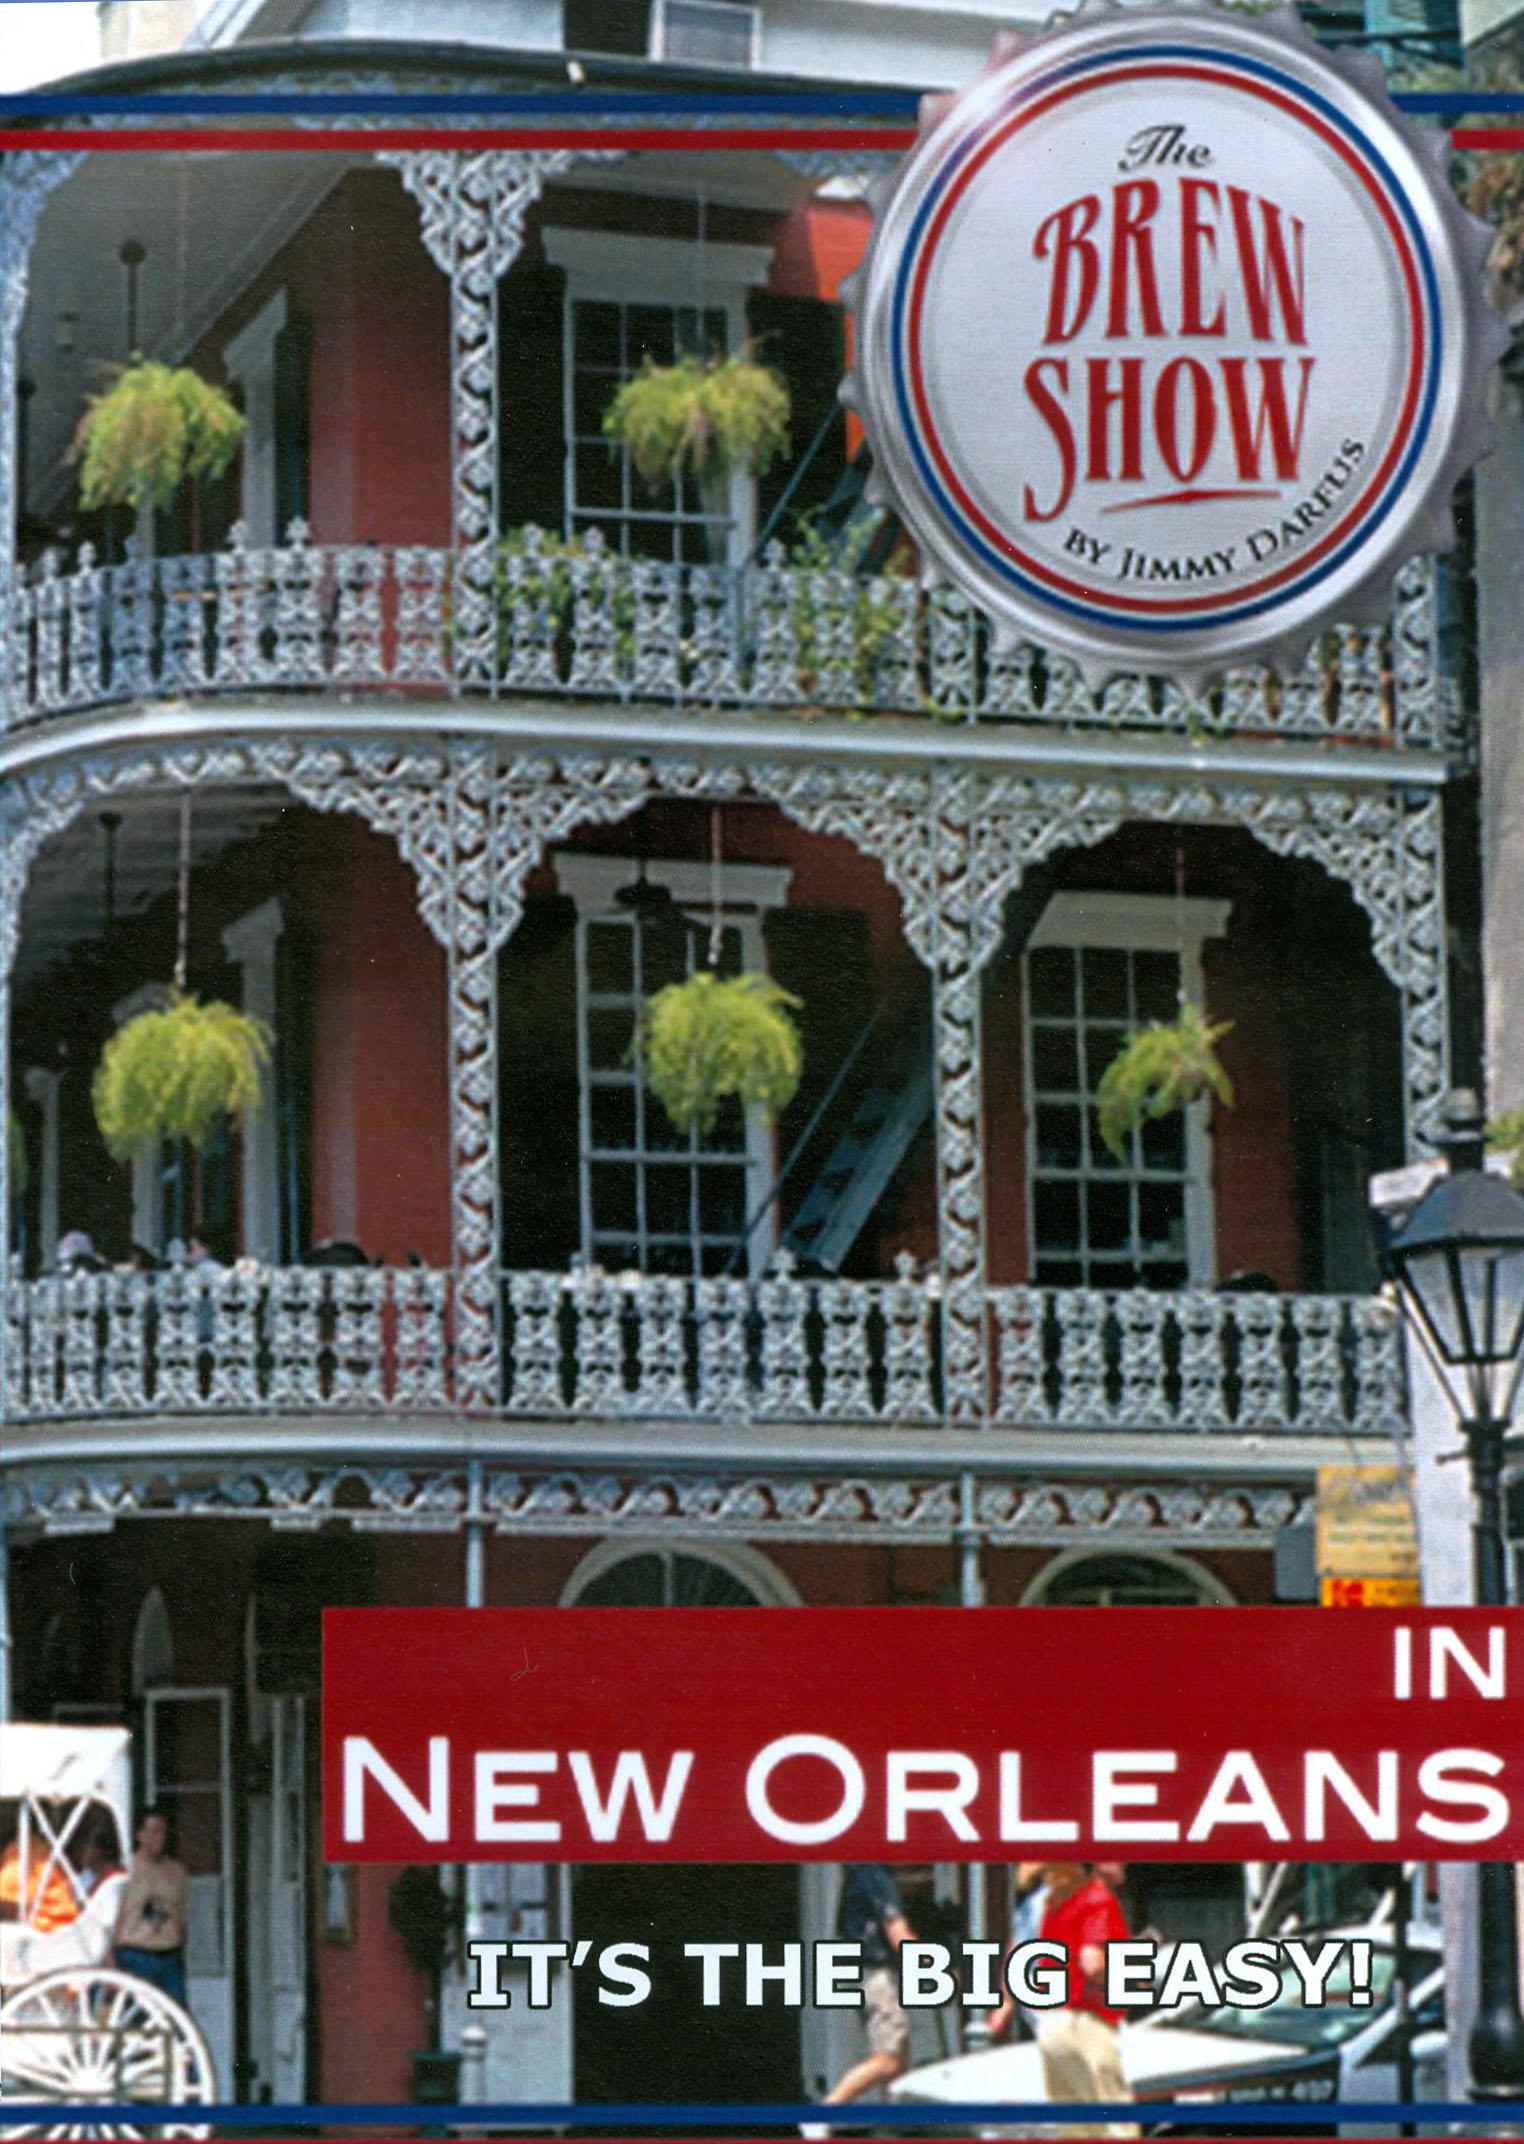 Brewshow, Vol. 7: The Brewshow in New Orleans